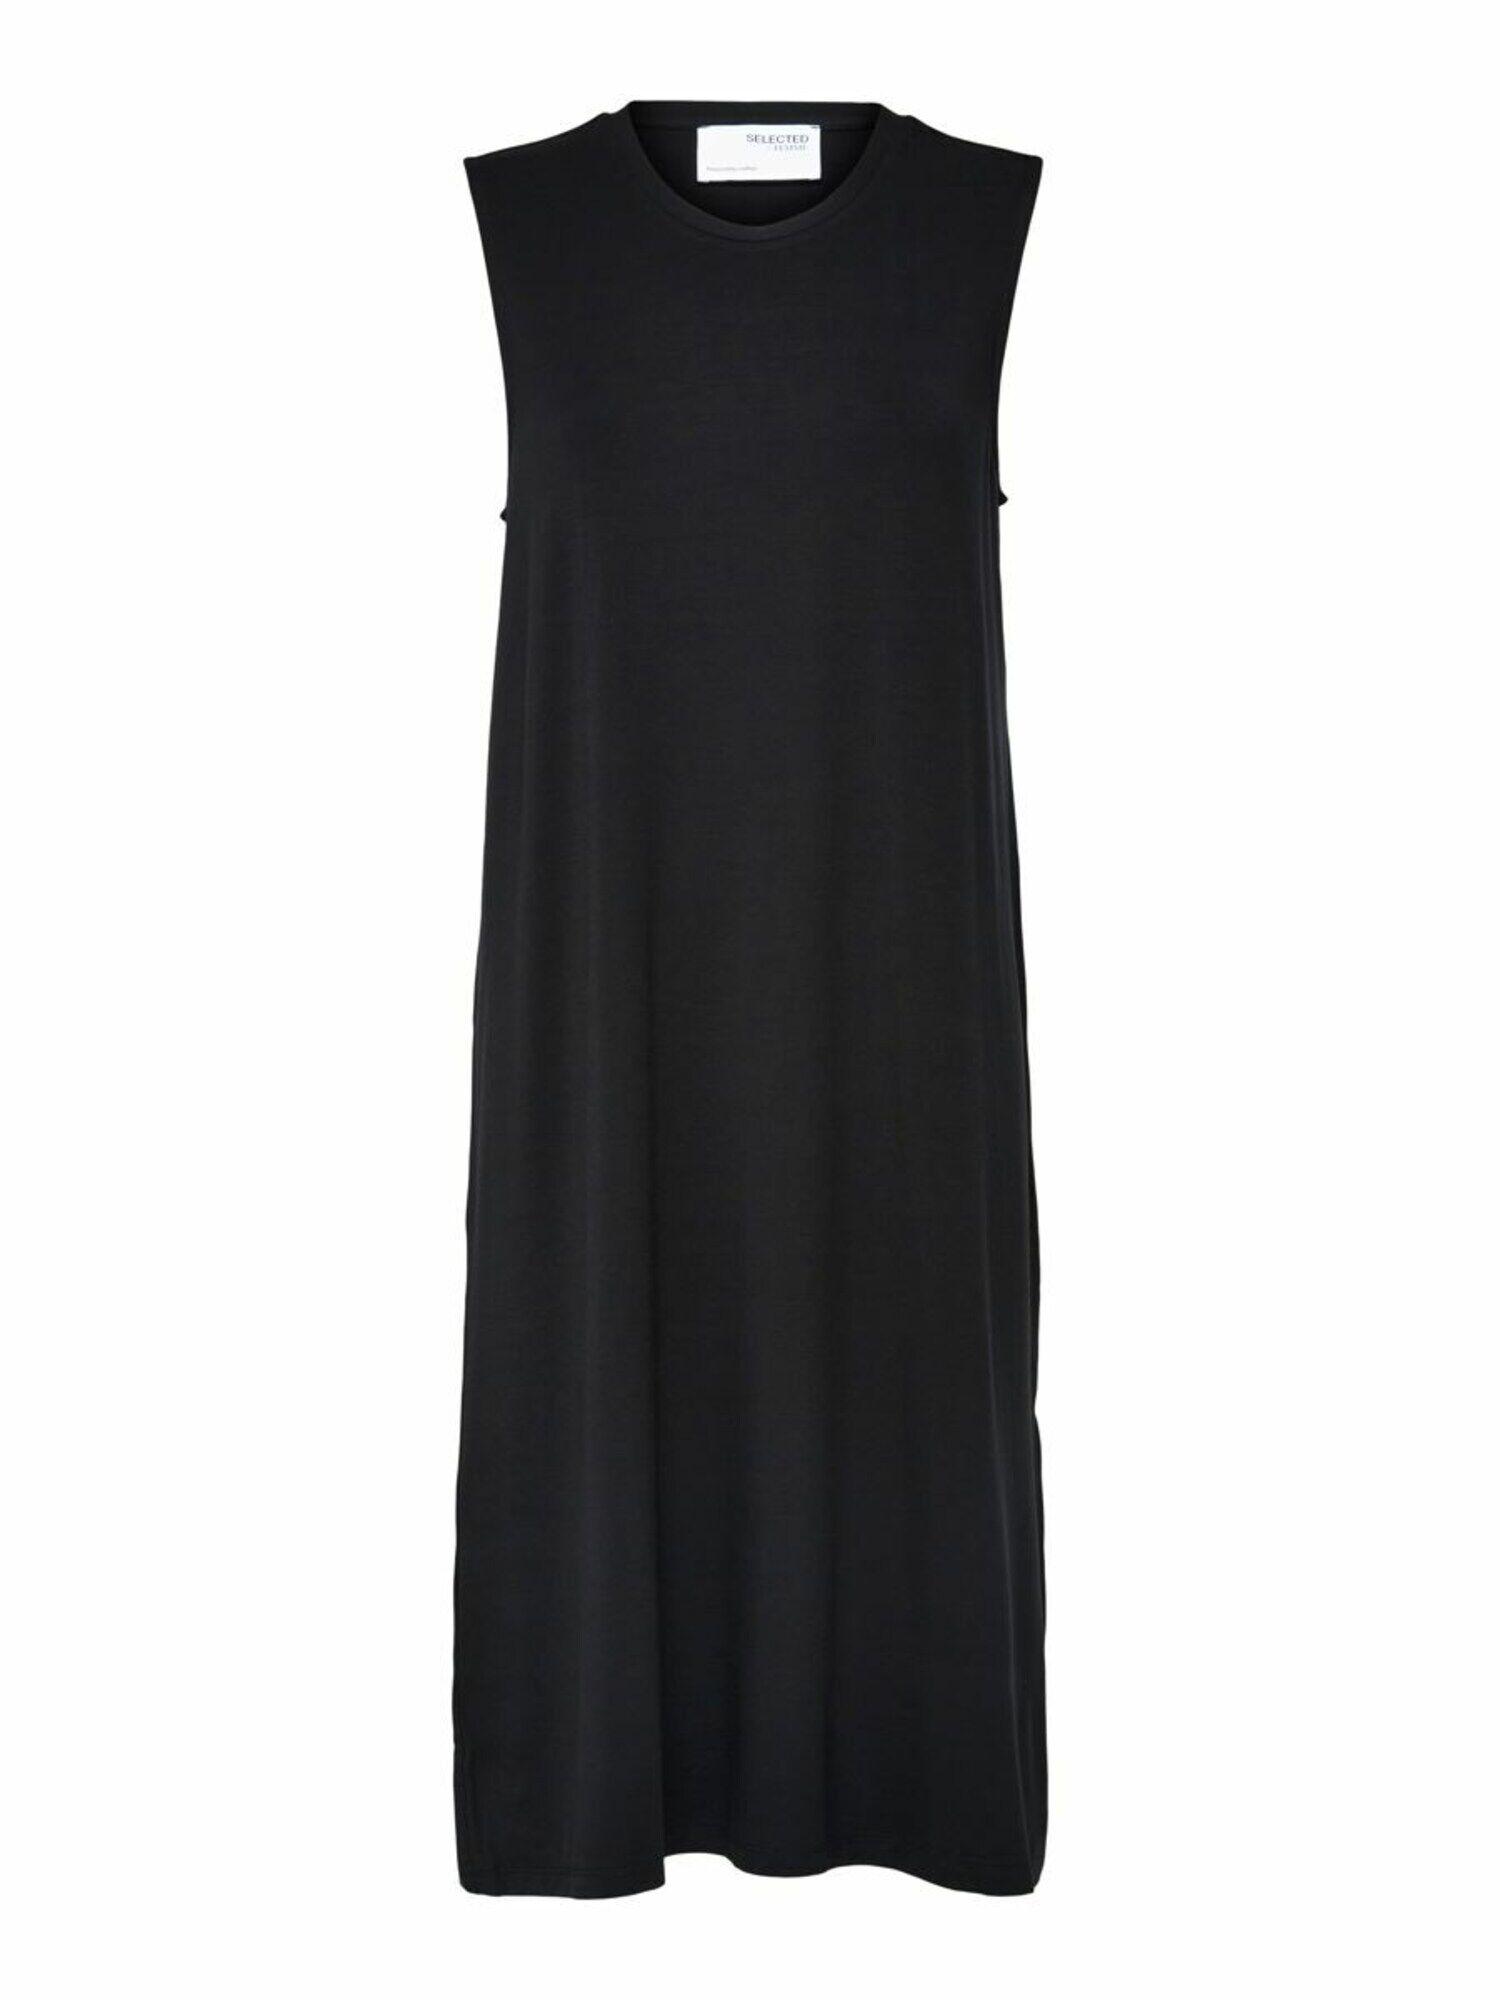 SELECTED FEMME Vêtement de plage 'SLFGIA'  - Noir - Taille: S - female